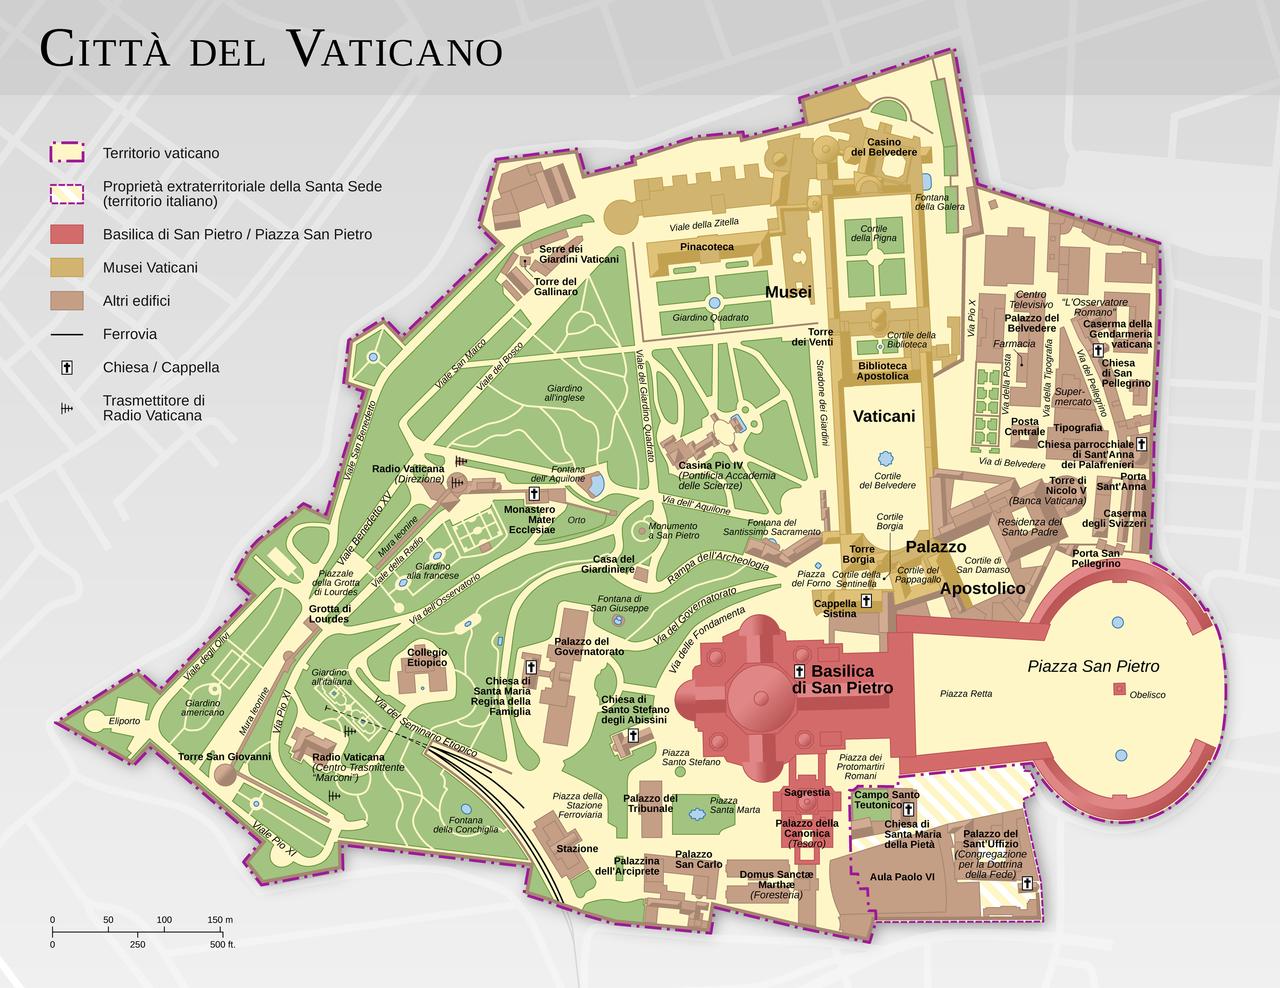 Ciudad del Vaticano. WIKIMEDIA COMMONS - Thomas Röme